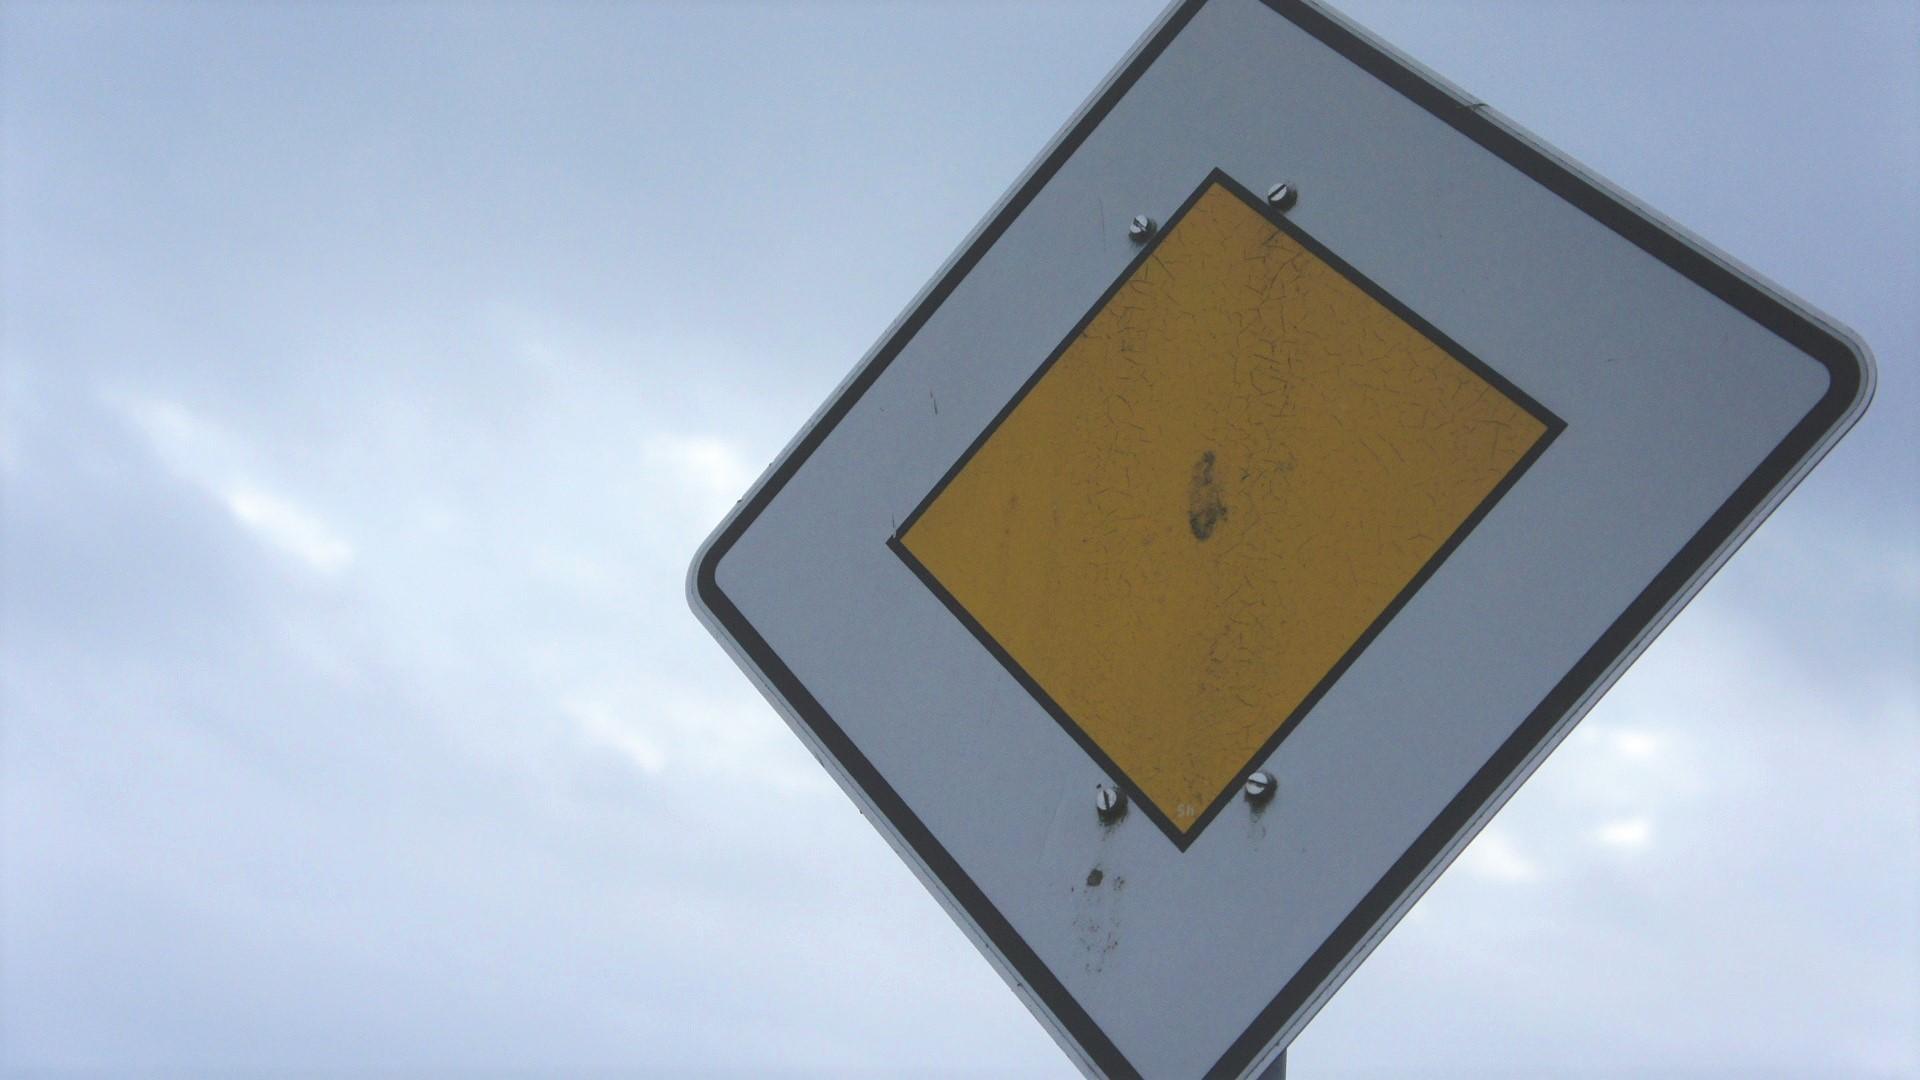 Das ist außerorts auf Vorfahrtstraßen erlaubt - alle Infos